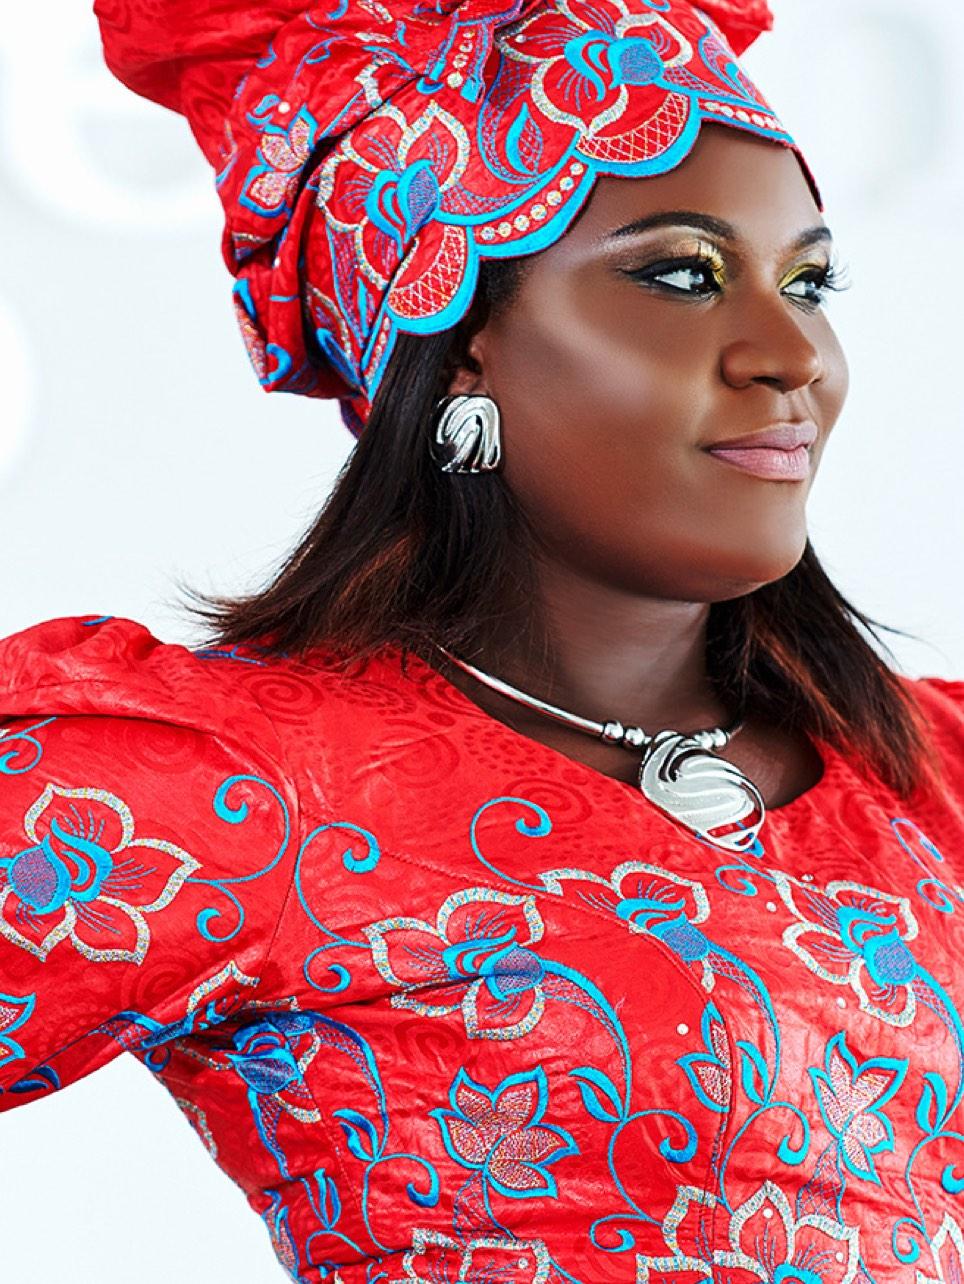 afrikanisches Model trägt ein Kleid gefertigt aus Getzner Damast mit Stickereien